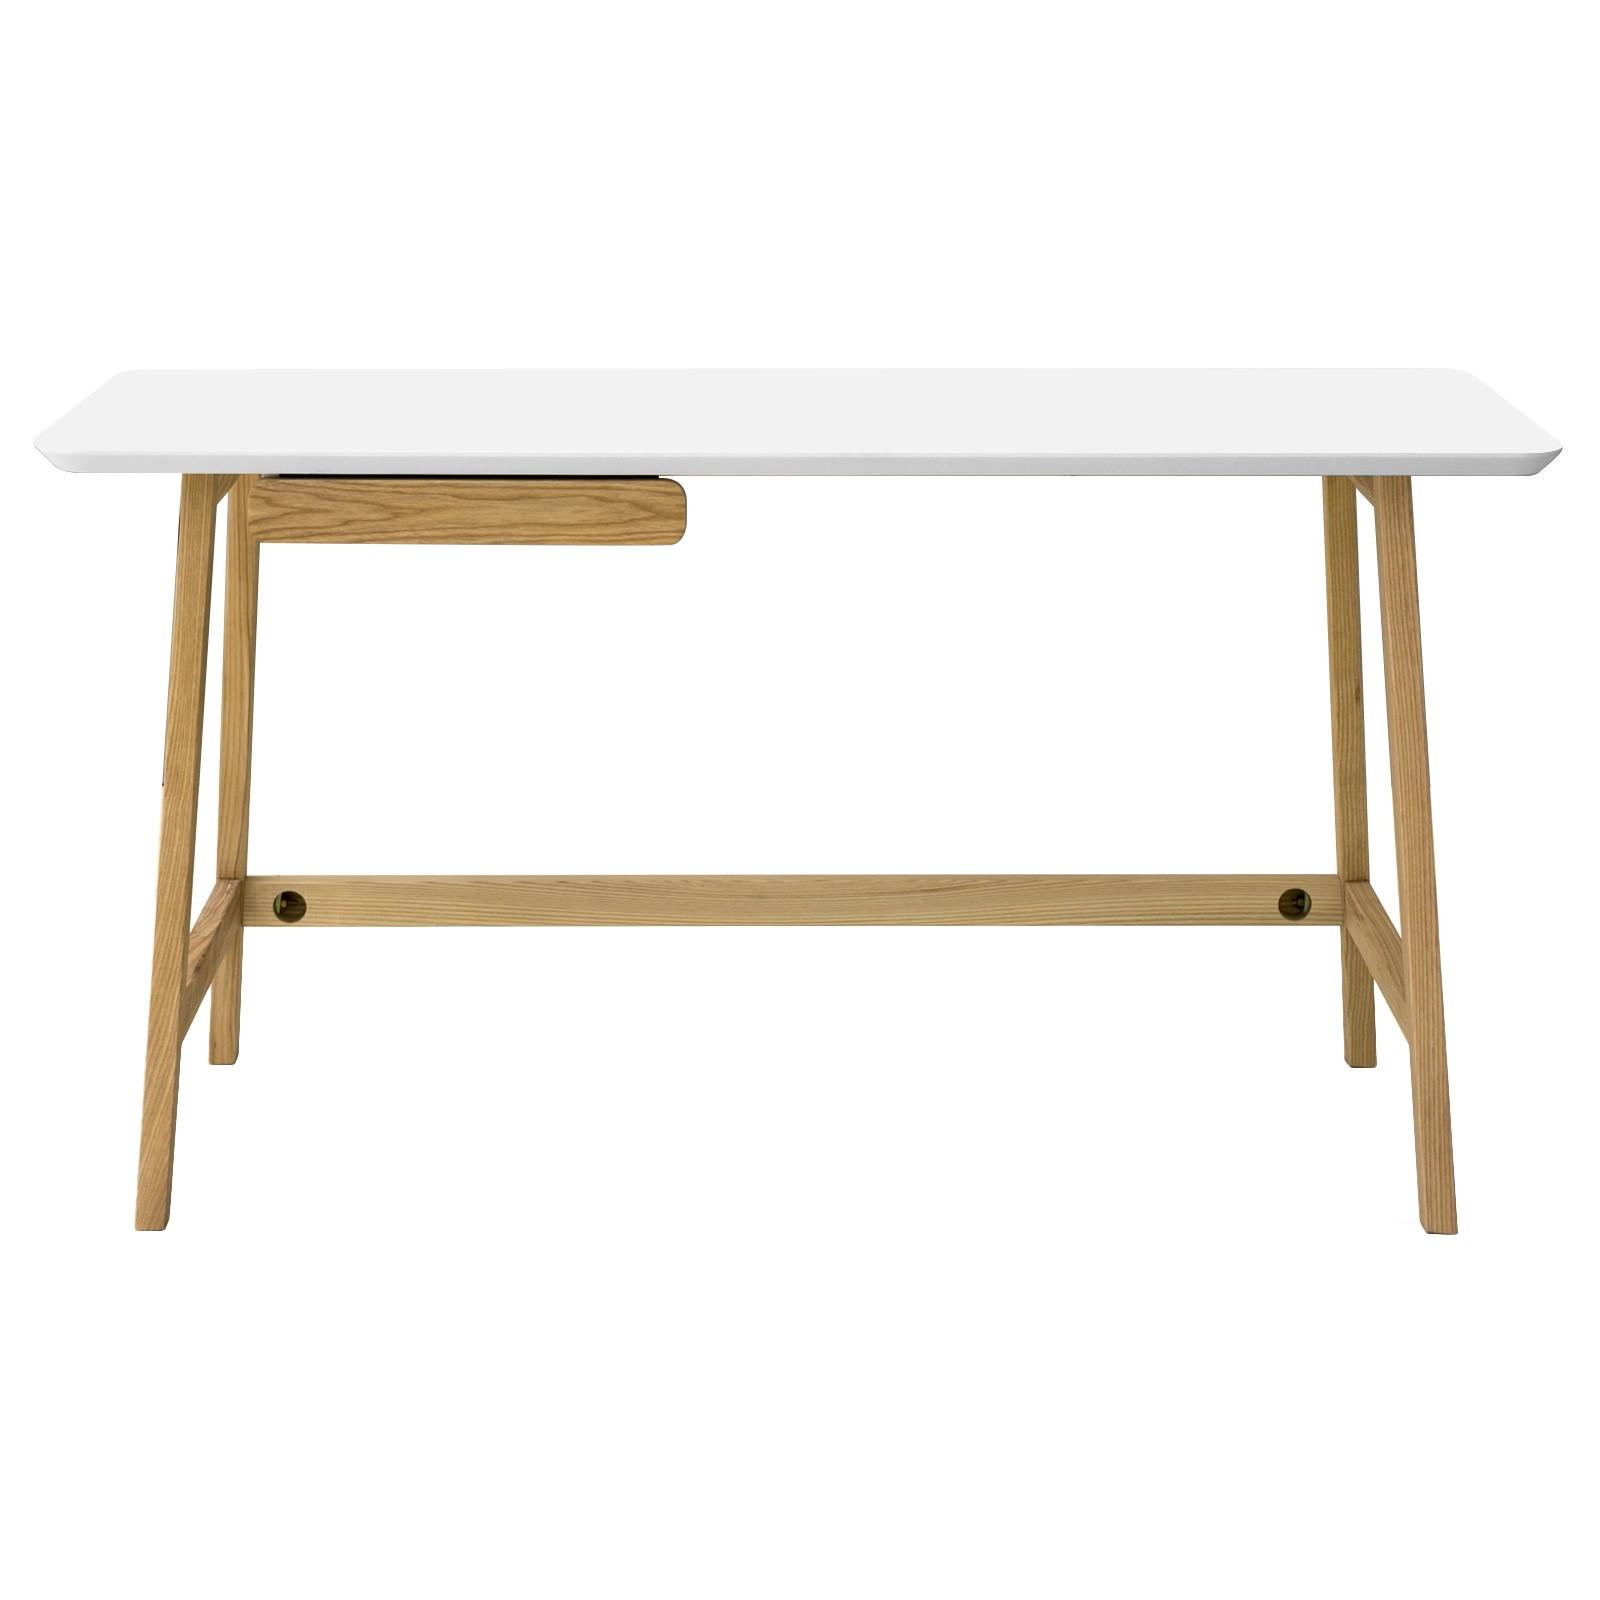 Katon Wooden Study Desk 140cm White Natural